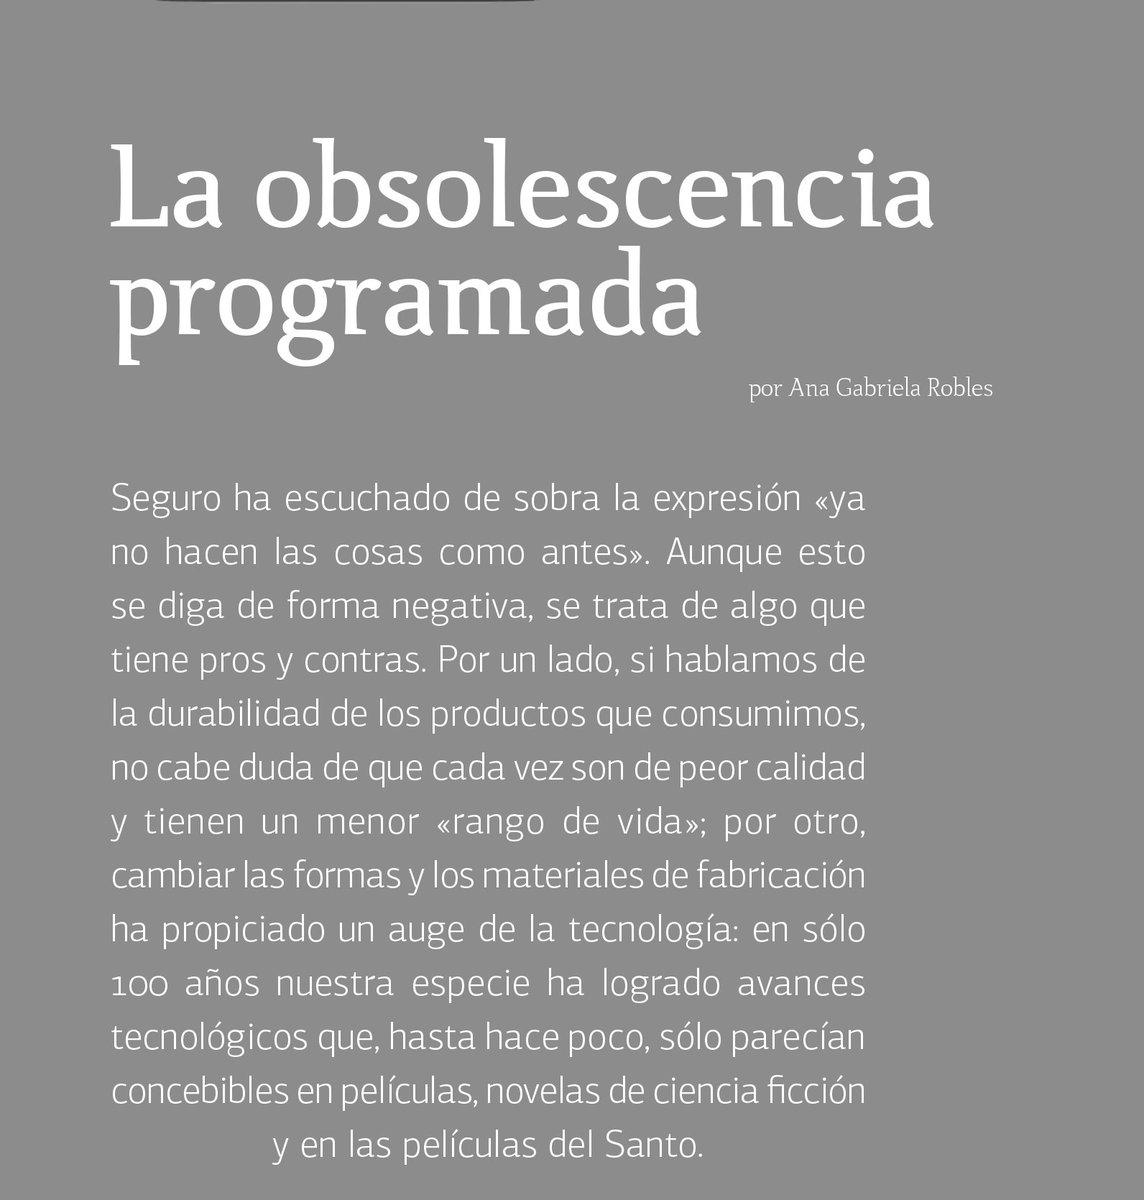 En la sección de @algarabia platicamos de la #ObsolescenciaProgramada - https://t.co/DxGFTwCBsj https://t.co/1uiMnzlBuk